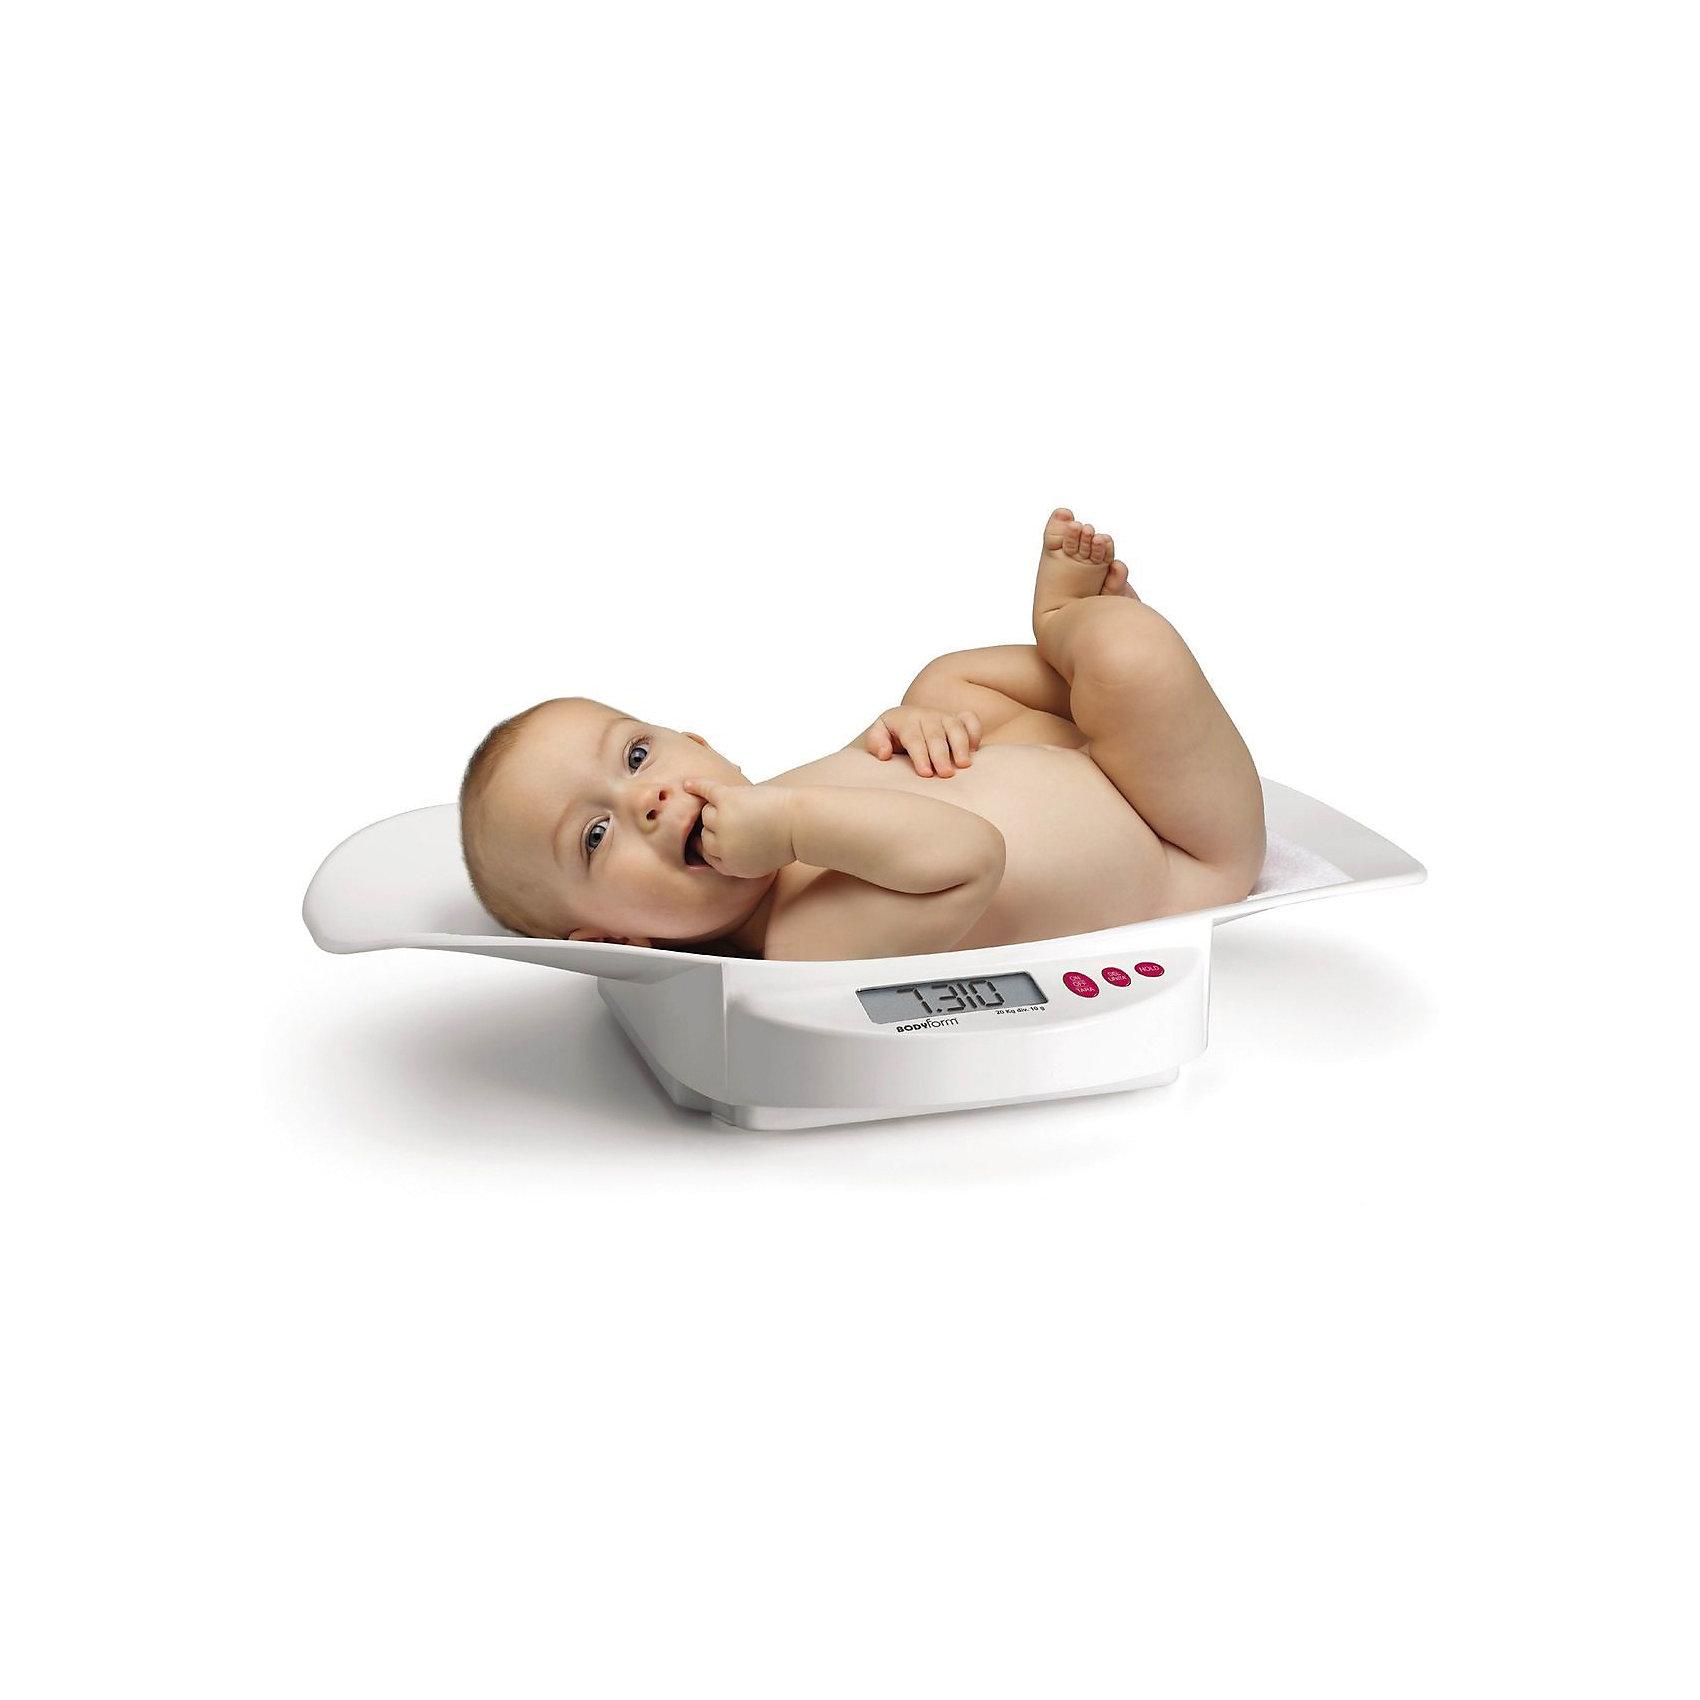 Весы MD6141 LAICAИдеи подарков<br>Каждой маме хочется знать, насколько поправился ее малыш, сколько он прибавляет в неделю или месяц. Отслеживая изменения веса ребенка можно сделать выводы о его общем состоянии и просто порадоваться за своего крепыша.  Детские весы LAICA имеют удобную чашу, обладают функцией TARE, которая позволяет  вам взвешивать ребенка, не учитывая вес пеленки, на которой лежит малыш. И функцией WEIGHT-BLOCK, которая показывает точный вес ребенка, даже если  малыш лежит неспокойно. Весы LAICA - прекрасный вариант для мам и малышей!<br><br>Дополнительная информация:<br><br>- Материал: пластик, металл.<br>- Размер: 9,5 x 51,5 x 32 см.<br>- Размер чаши весов: 52х25 см.<br>- Дискретность измерения:  5 гр.<br>- Максимальный вес ребенка: 20 кг. <br>- Функция «Tare».<br>- Функция «Weight-Block». <br>- Фиксация значения веса.  <br>- Предупреждение о превышении веса.  <br>- Автоматическое отключение.<br>- 2 варианта единиц измерения: граммы/фунты.<br>- Индикация низкого заряда батареи.<br>- Вес: 2,2 кг.<br>- Элемент питания: 1 батарейка 9 В, тип 6LR61 (крона, не входит в комплект).<br> <br>Весы MD6141 LAICA можно купить в нашем магазине.<br><br>Ширина мм: 130<br>Глубина мм: 550<br>Высота мм: 350<br>Вес г: 2900<br>Возраст от месяцев: 0<br>Возраст до месяцев: 36<br>Пол: Унисекс<br>Возраст: Детский<br>SKU: 4595151